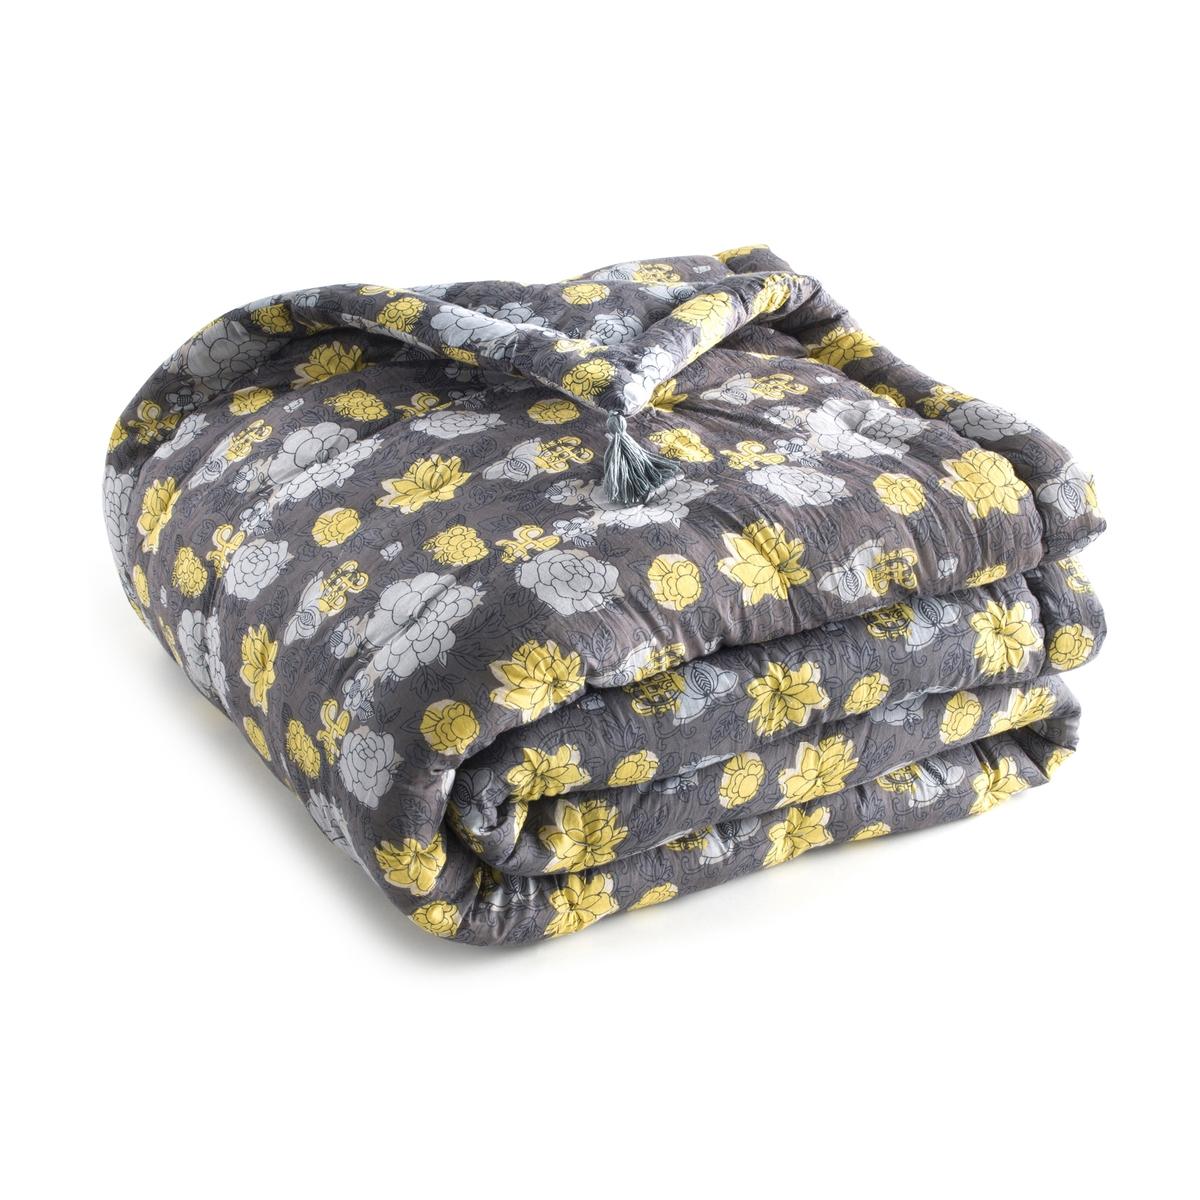 Одеяло стеганое из хлопковой вуали с рисунком колорблок, Singleton одеяло luolailin 100